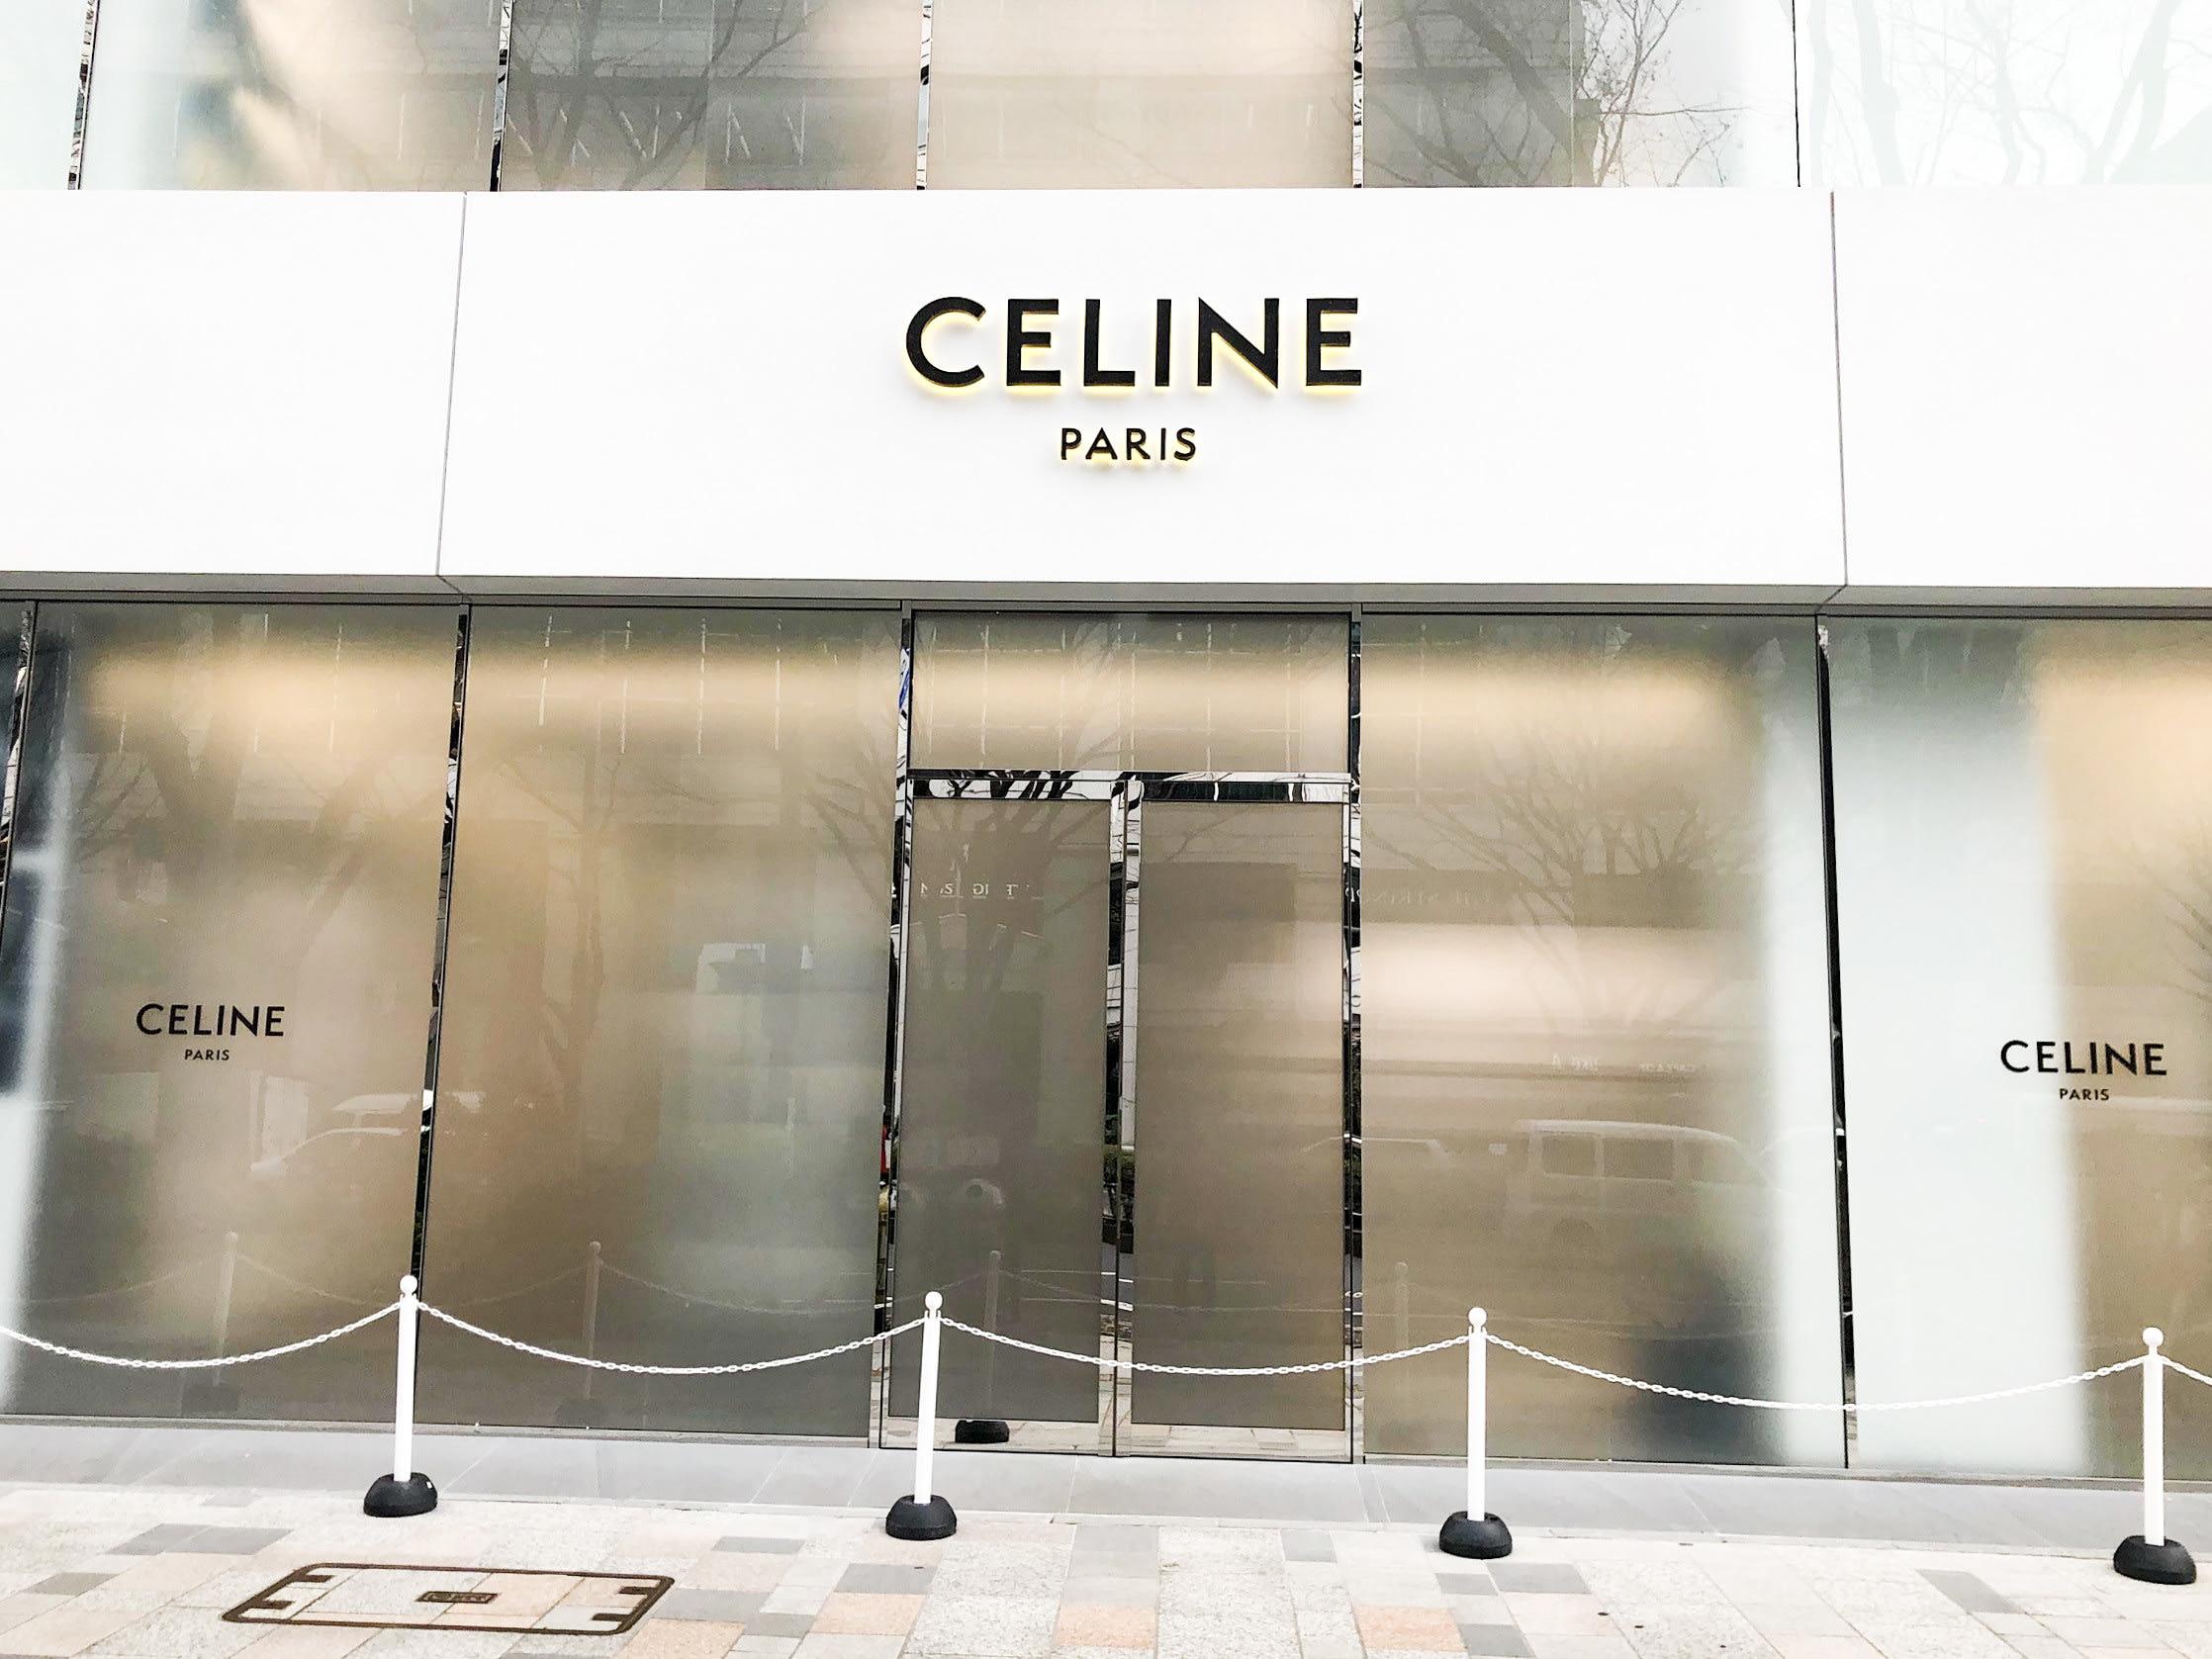 a246f53622 【2019年2月25日15:20続報】2月27日にそれぞれオープンを予定していた伊勢丹新宿店メンズ館と阪急メンズ大阪の店舗についても、3月6日に延期すると発表。